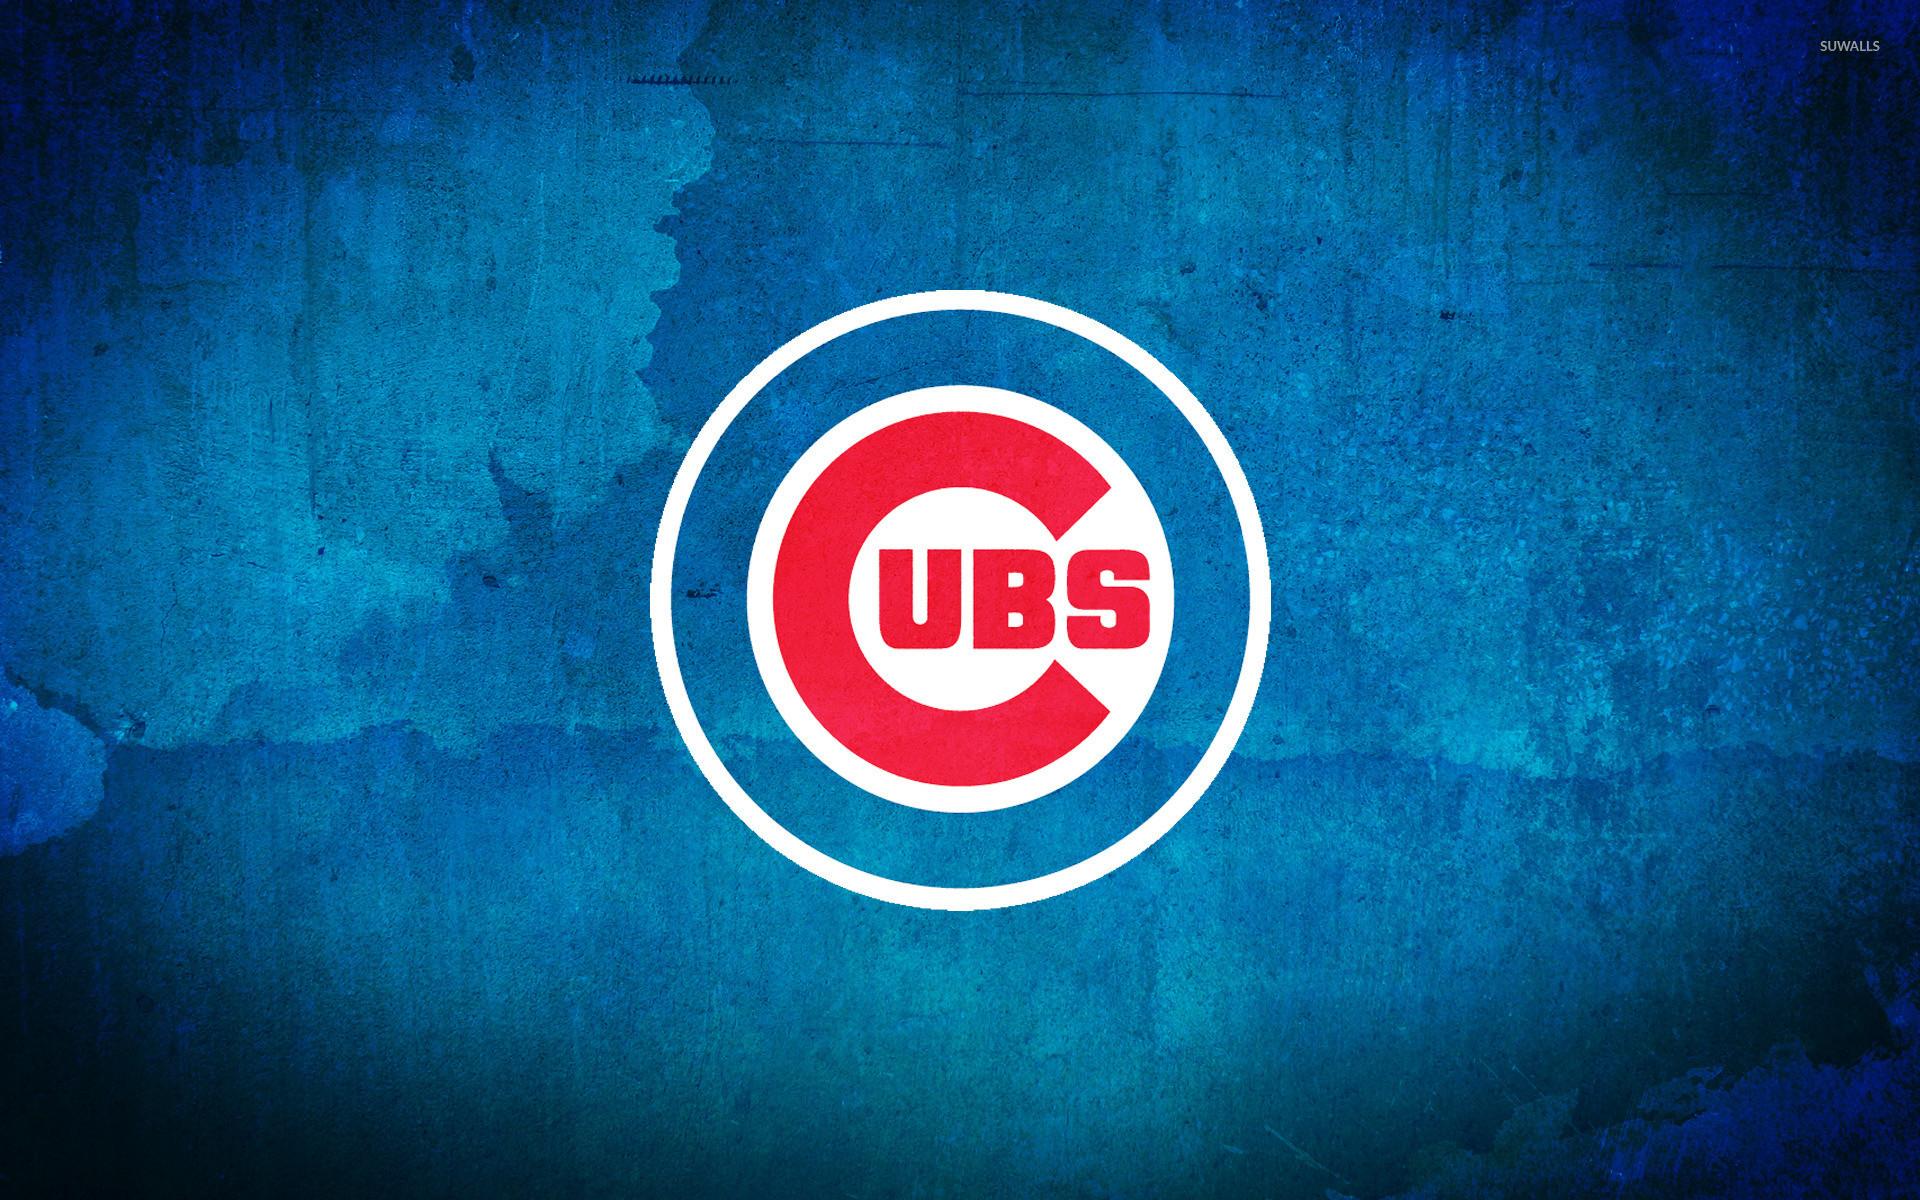 Chicago Cubs wallpaper jpg